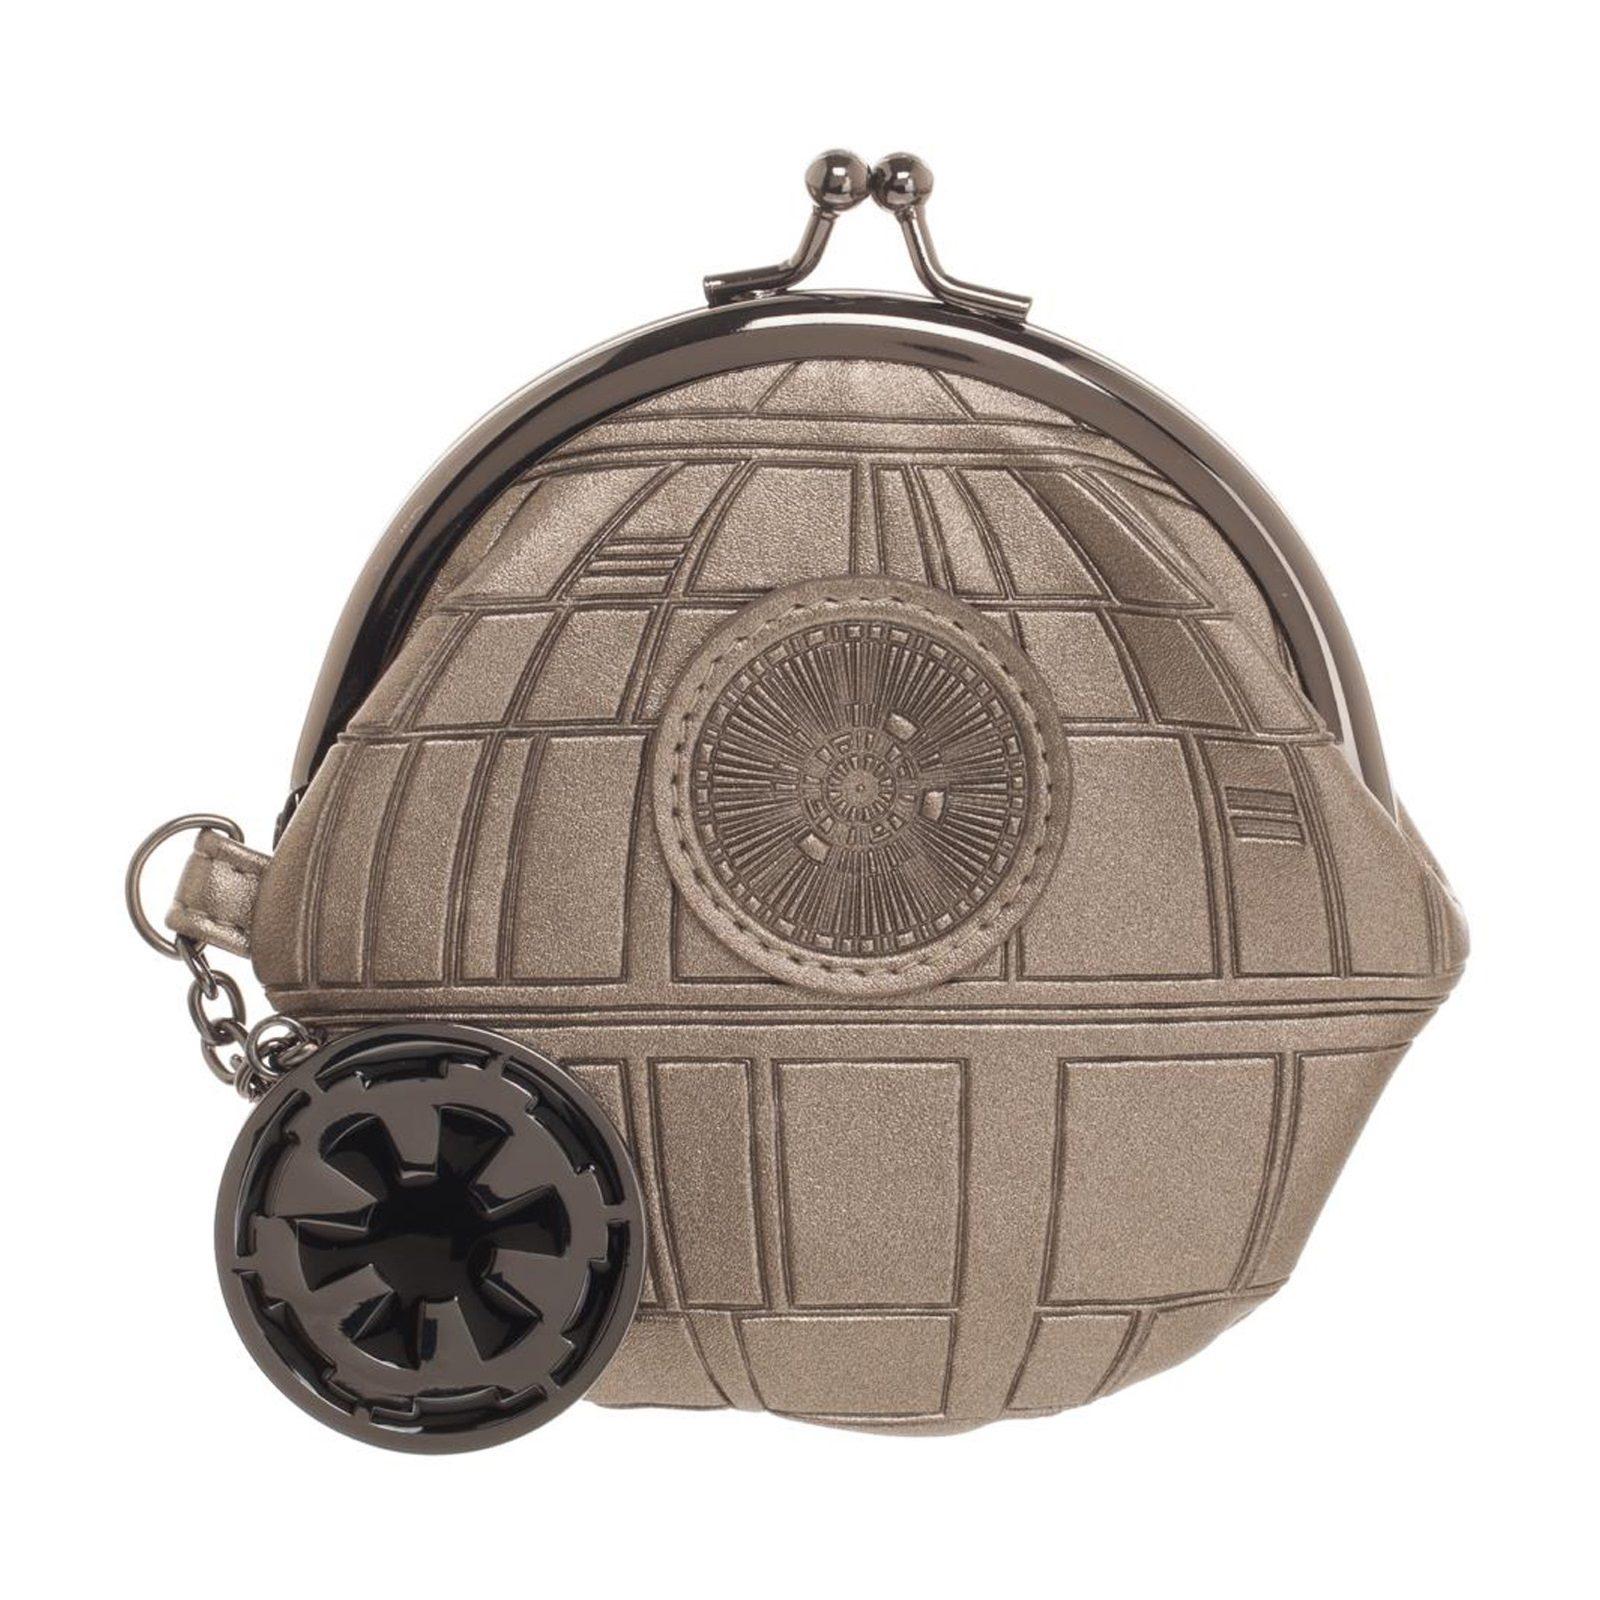 Bioworld x Star Wars Rogue One Death Star Kisslock Coin Purse at Fun